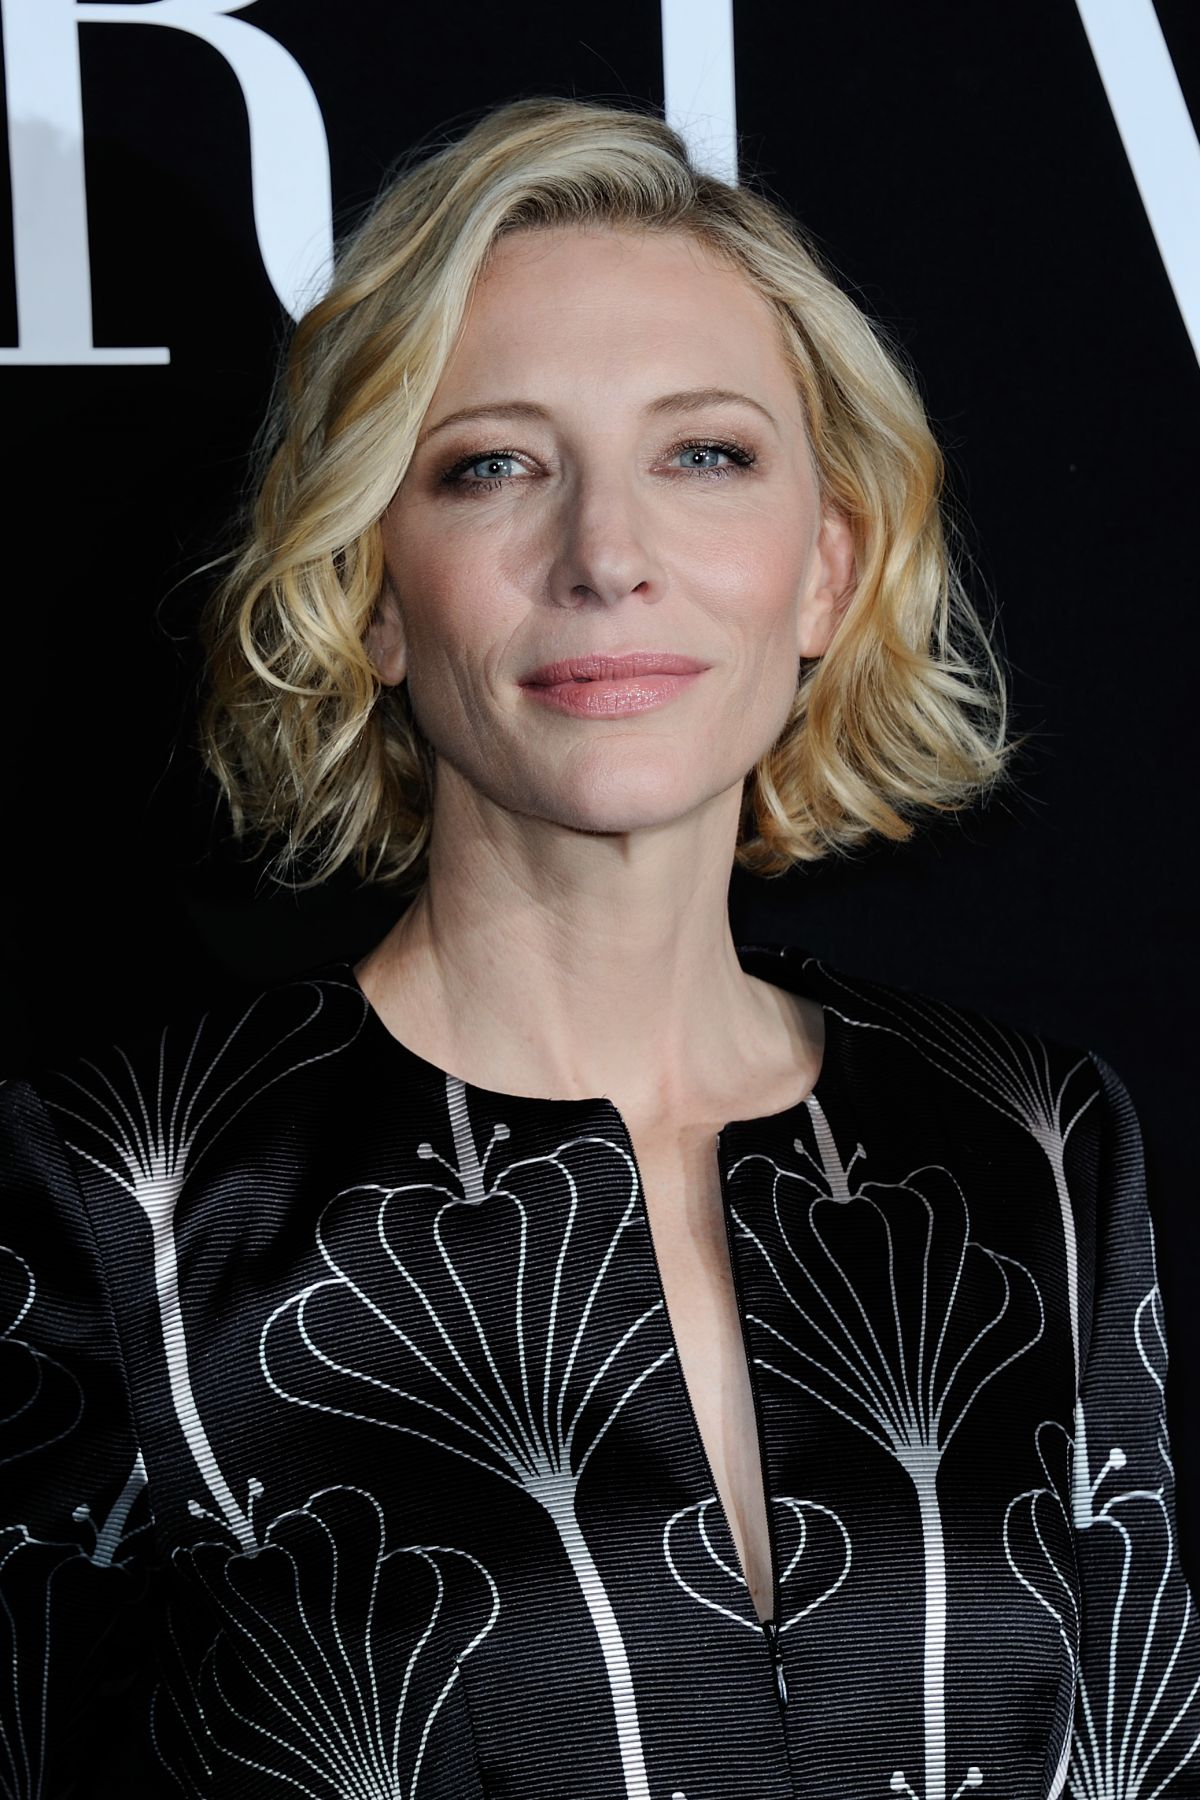 CATE BLANCHETT at Giorgio Armani Fashion Show in Paris 07 ... Cate Blanchett